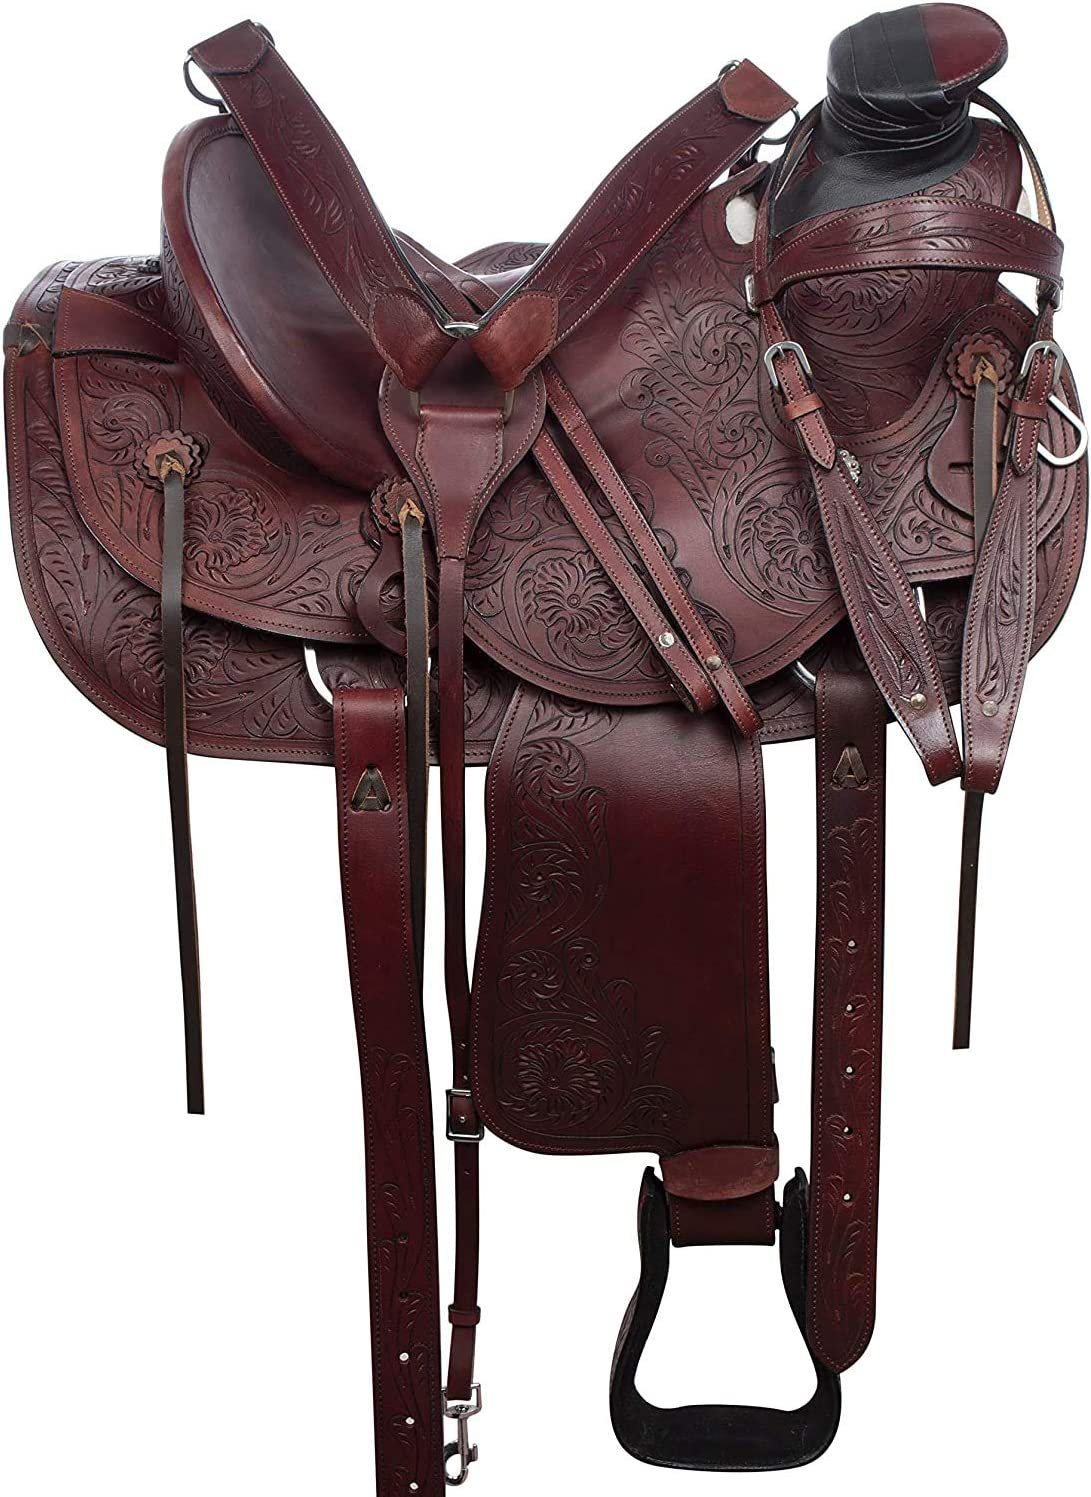 Deen, Enterprises, Wade Tree A Fork - Sillín de cuero occidental de trabajo con cuerdas, tamaño de 35,56 a 45,72 cm, asiento disponible